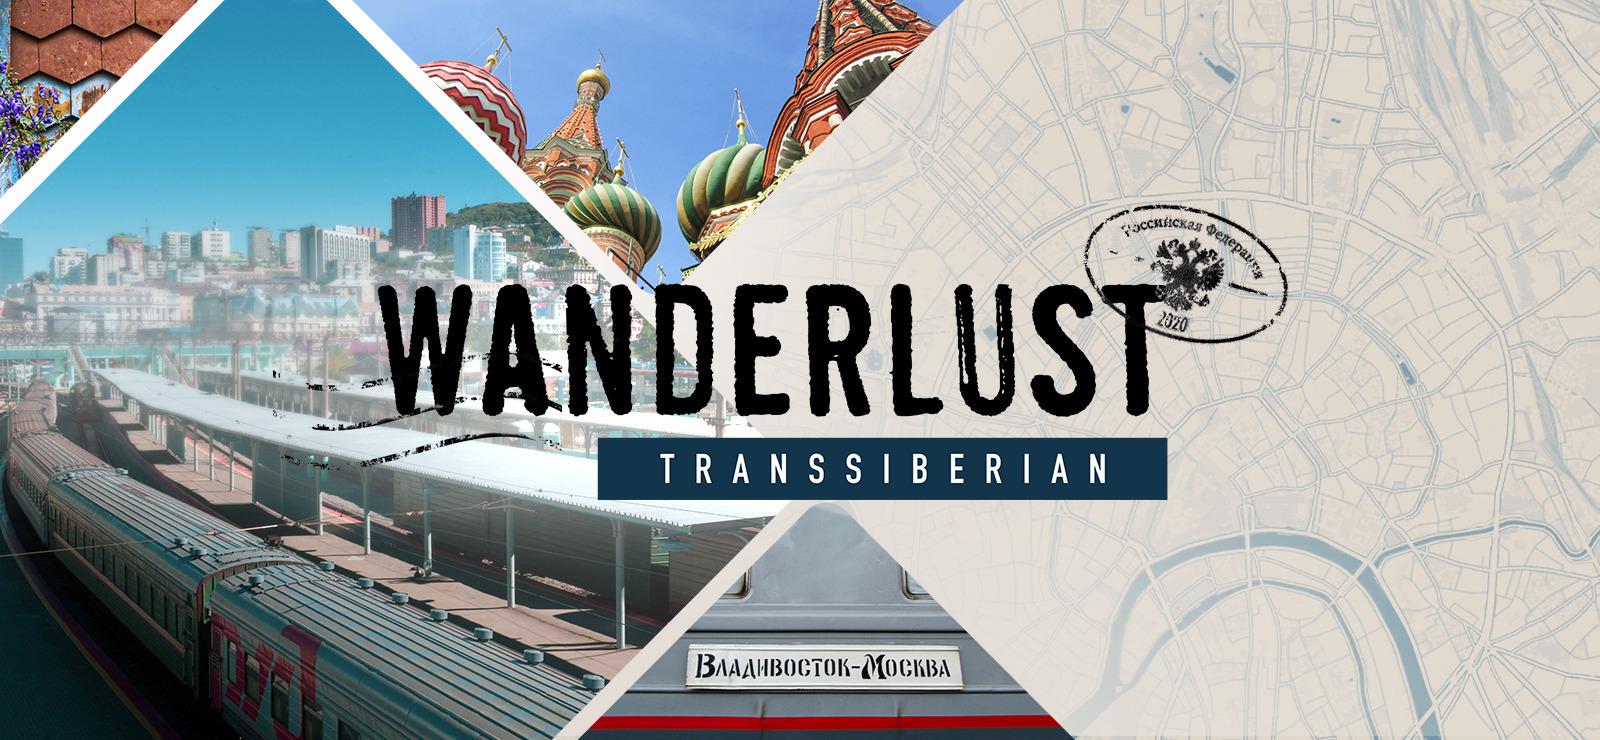 喜加一   GOG 07.31~08.02 免费领取 Wanderlust: Transsiberian「流浪癖:跨西伯利亚」